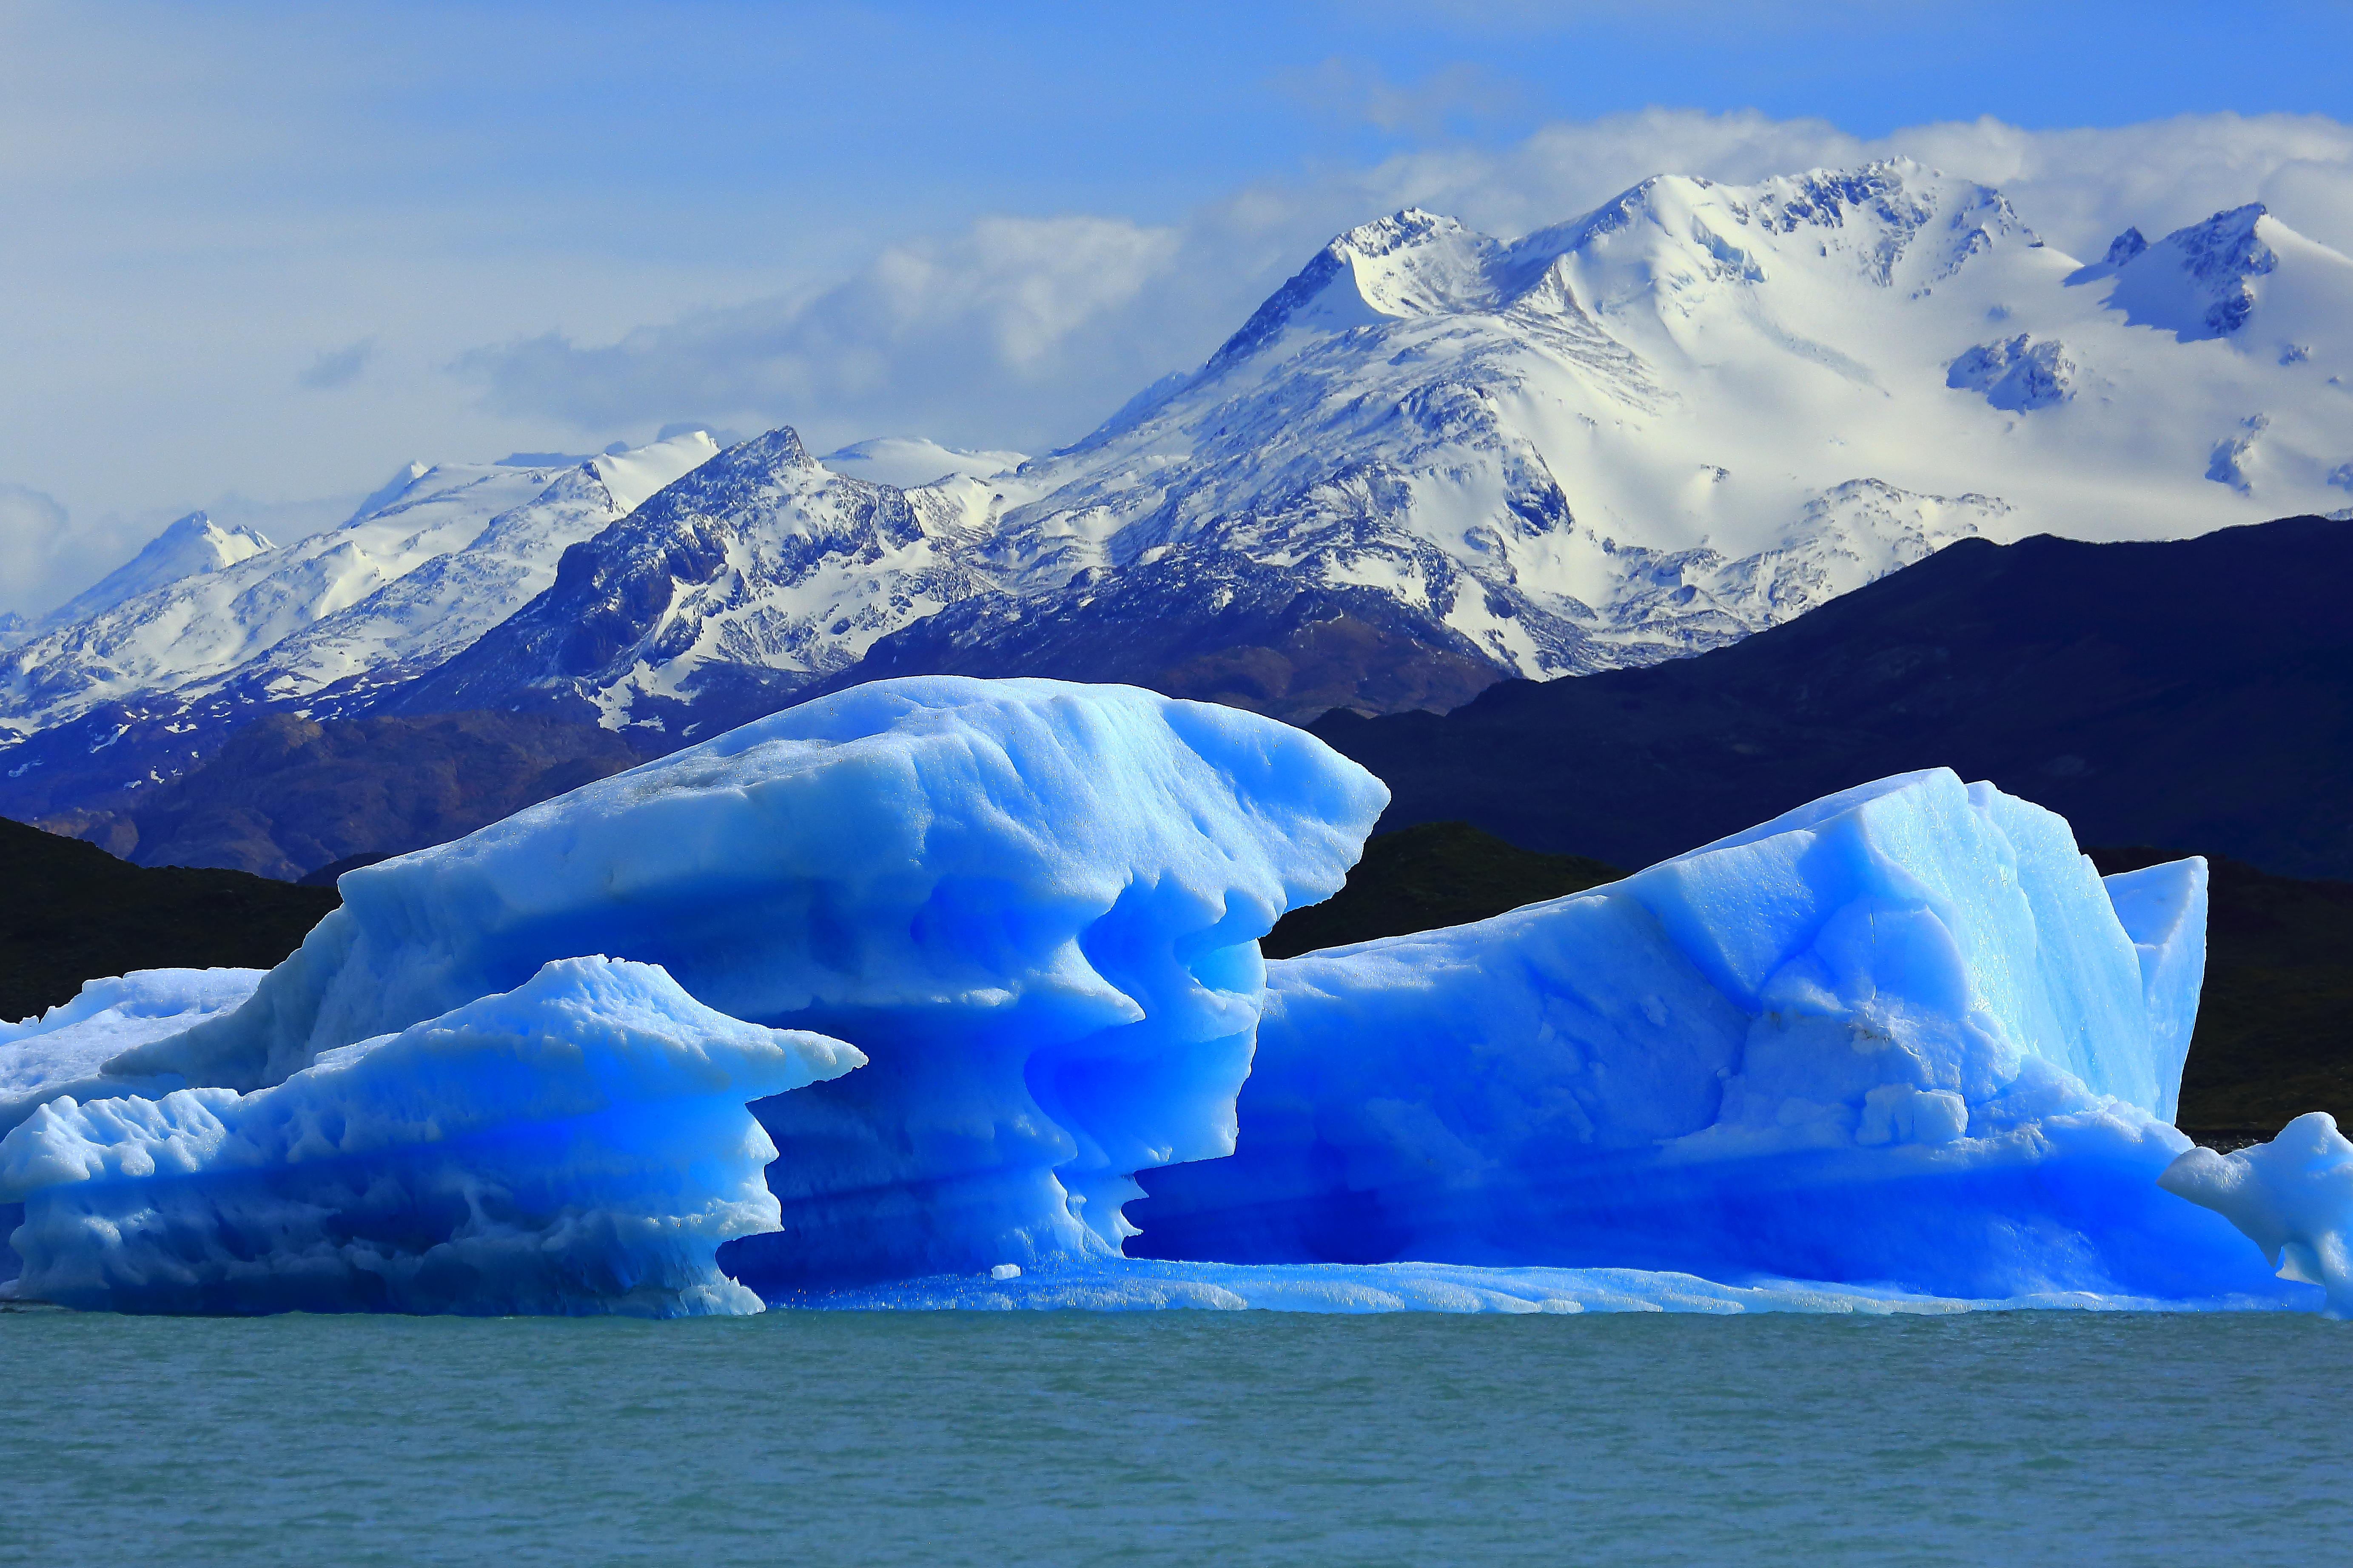 As formas surreais e o azul eletrizante dos icebergs que se desprendem da Upsala. Crédito: